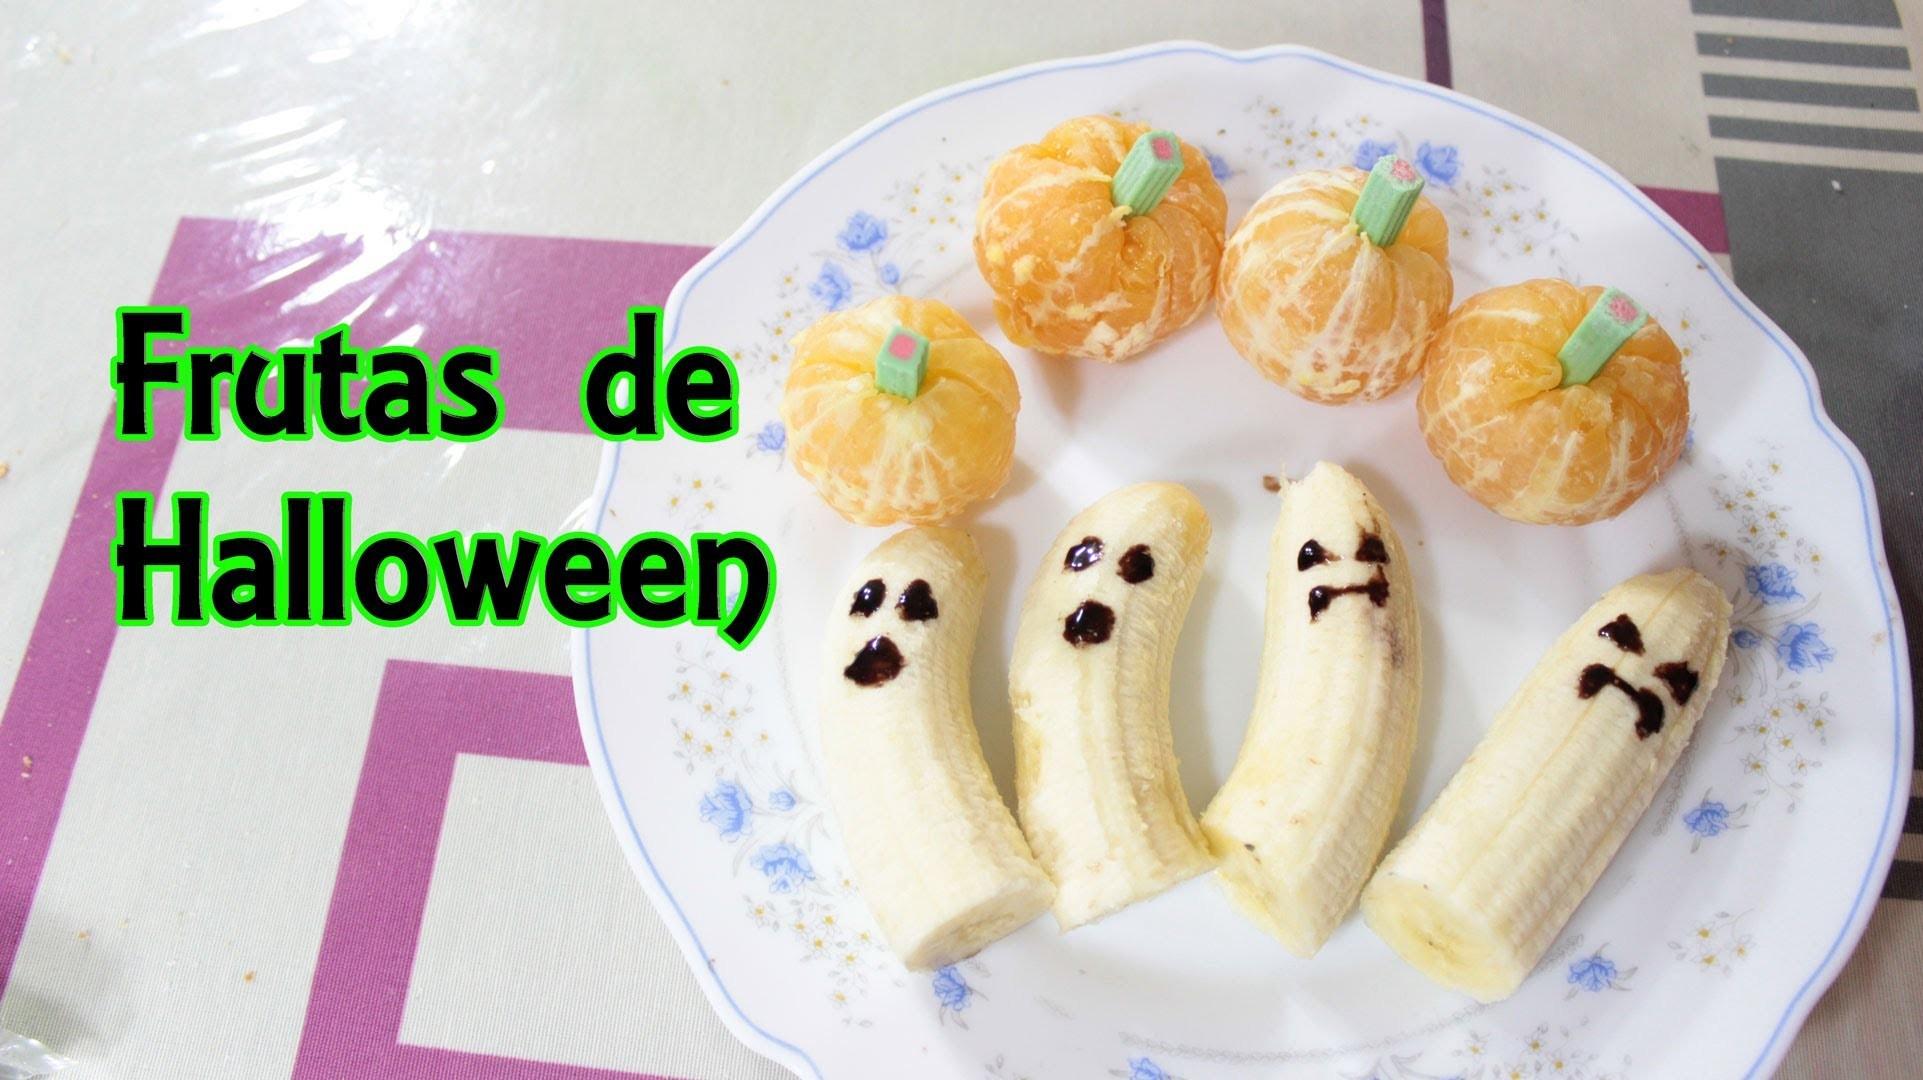 Frutas de Halloween - Recetas de Halloween - Manualidades Fáciles